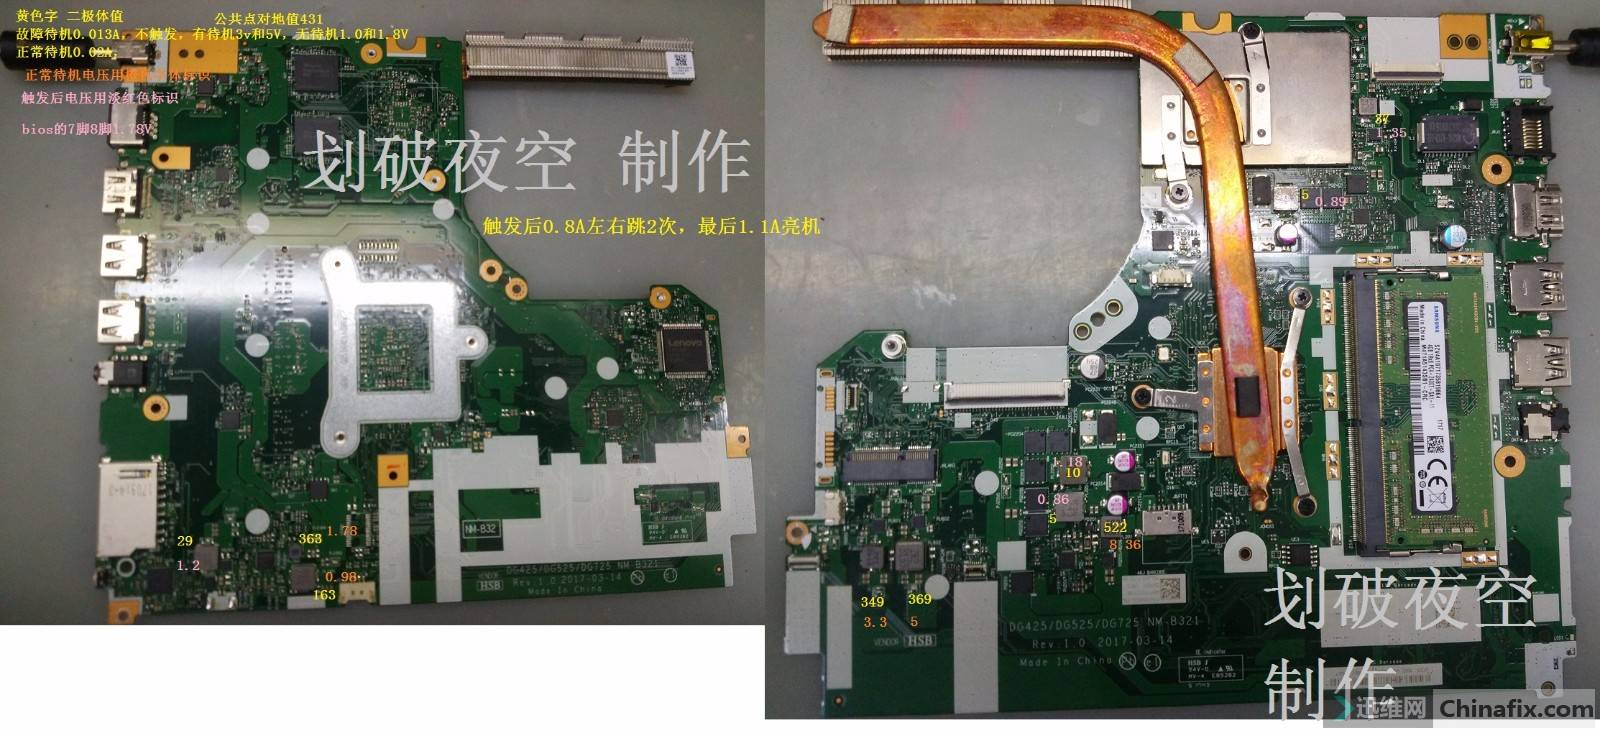 联想320-15ast板nm-b321电感对地值电压标识.jpg